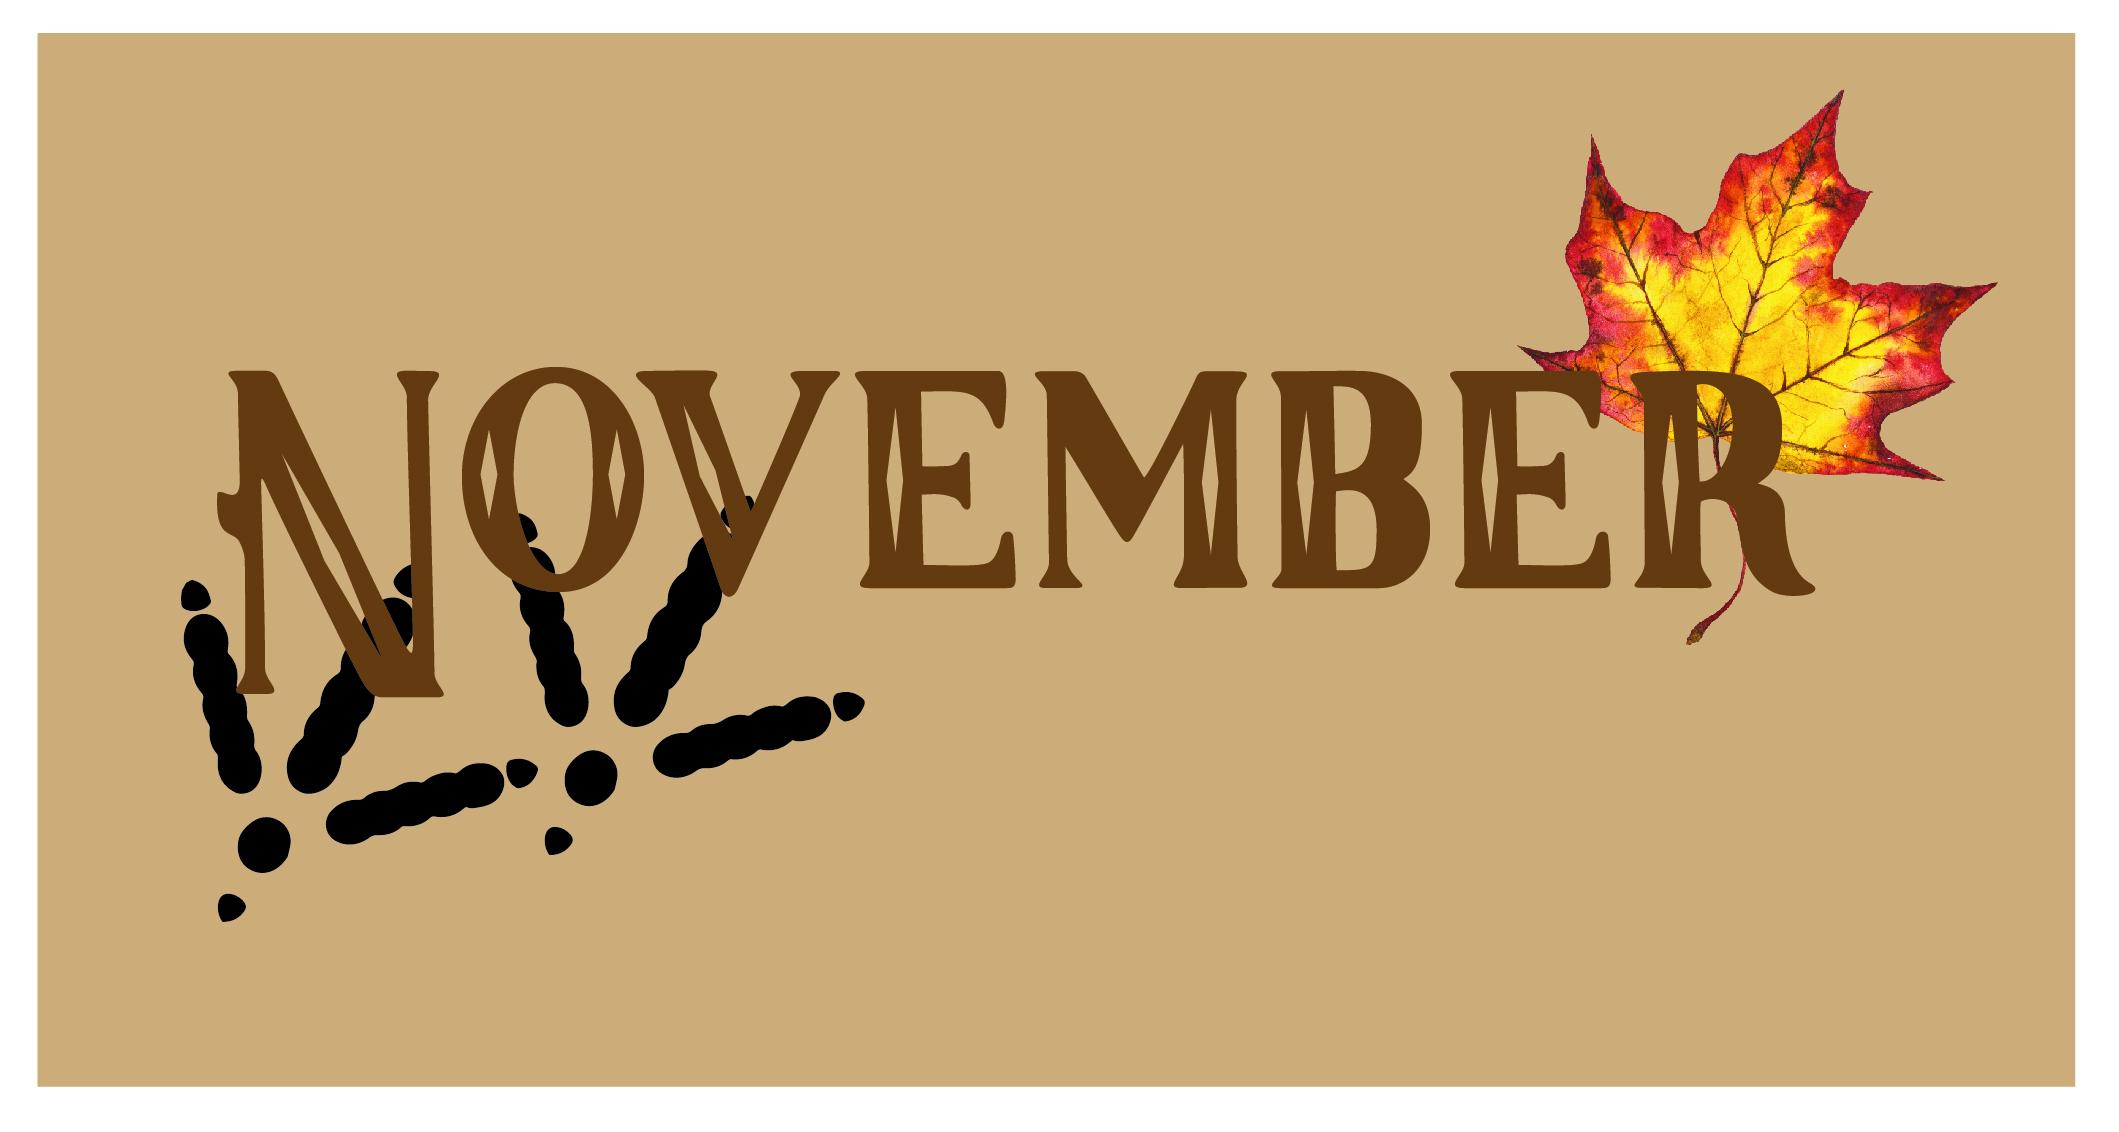 Say Hello to November